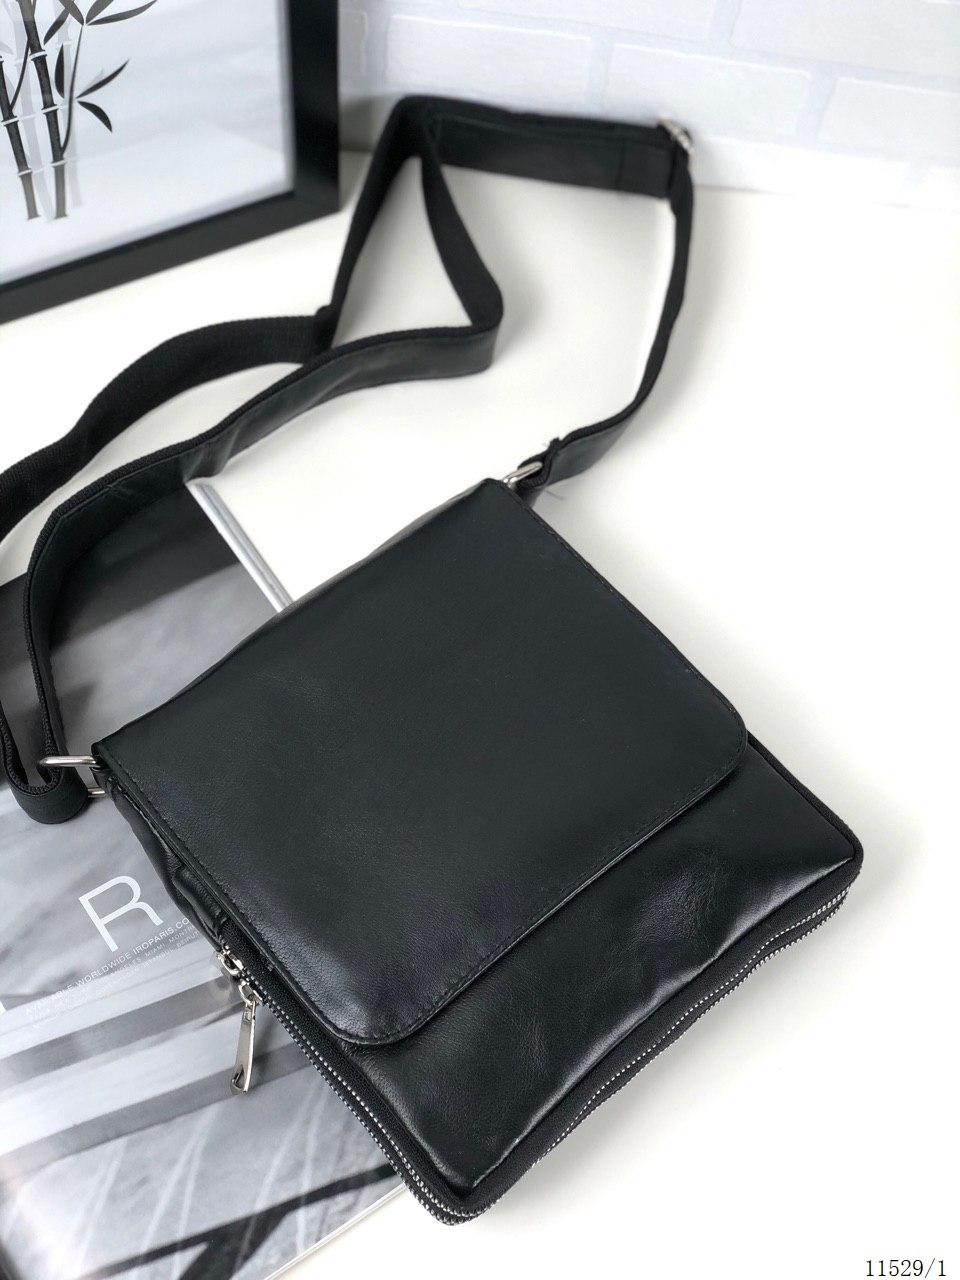 Мужская черная сумка через плечо барсетка кросс-боди мессенджер натуральная кожа